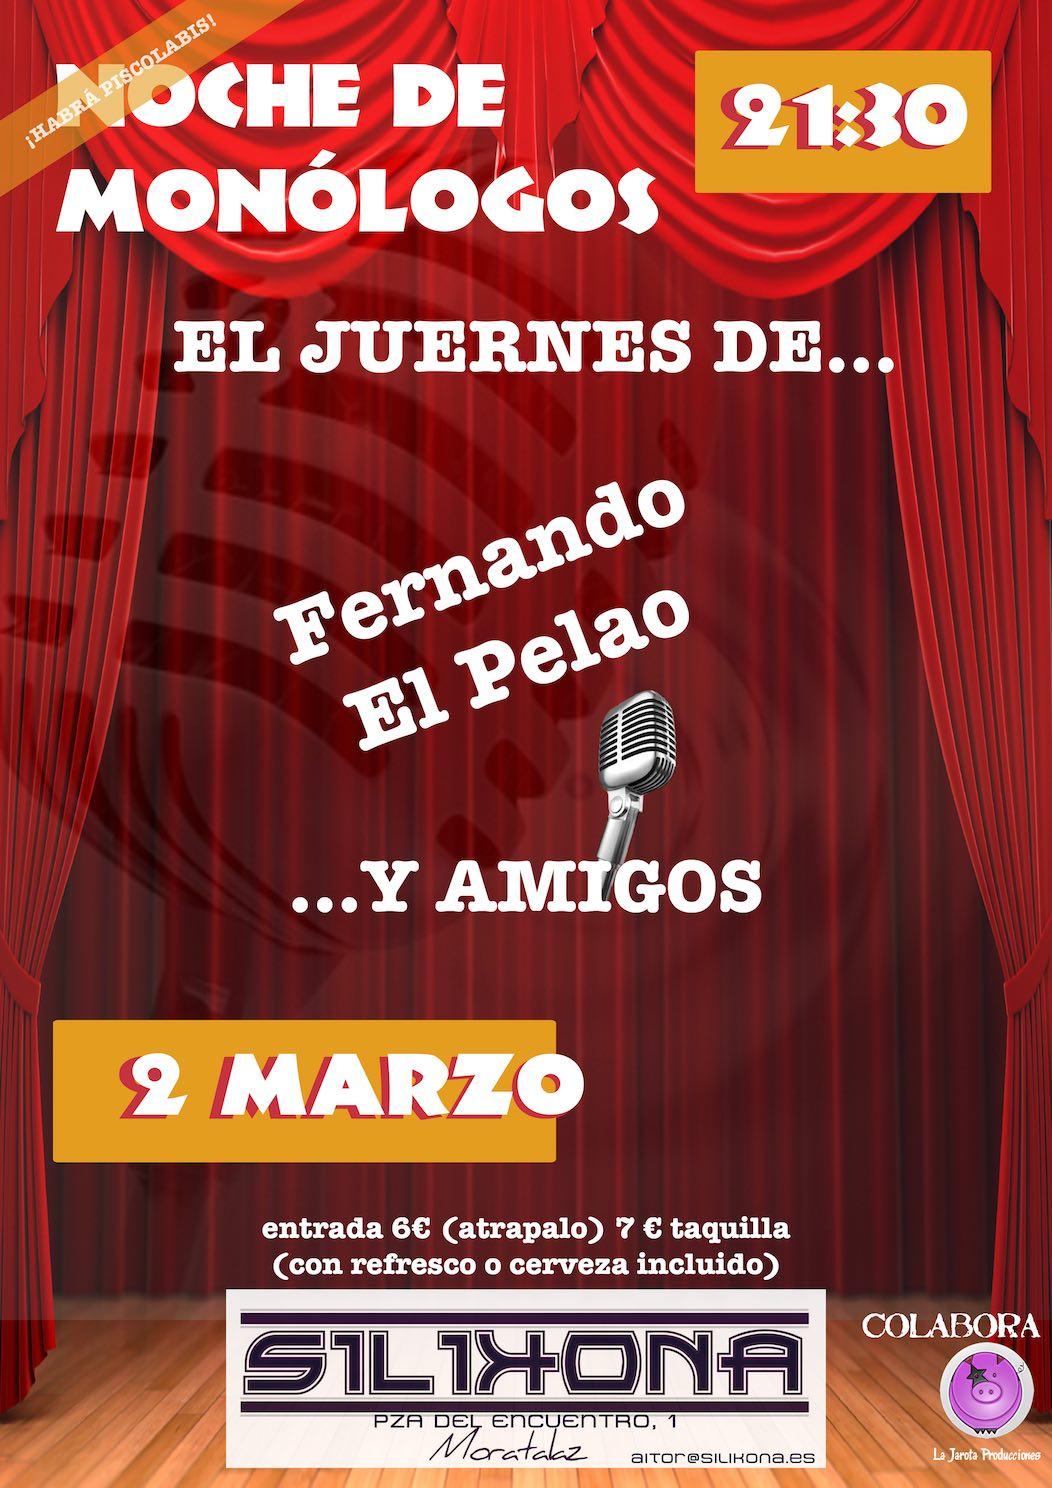 El juernes de... Fernando El Pelao